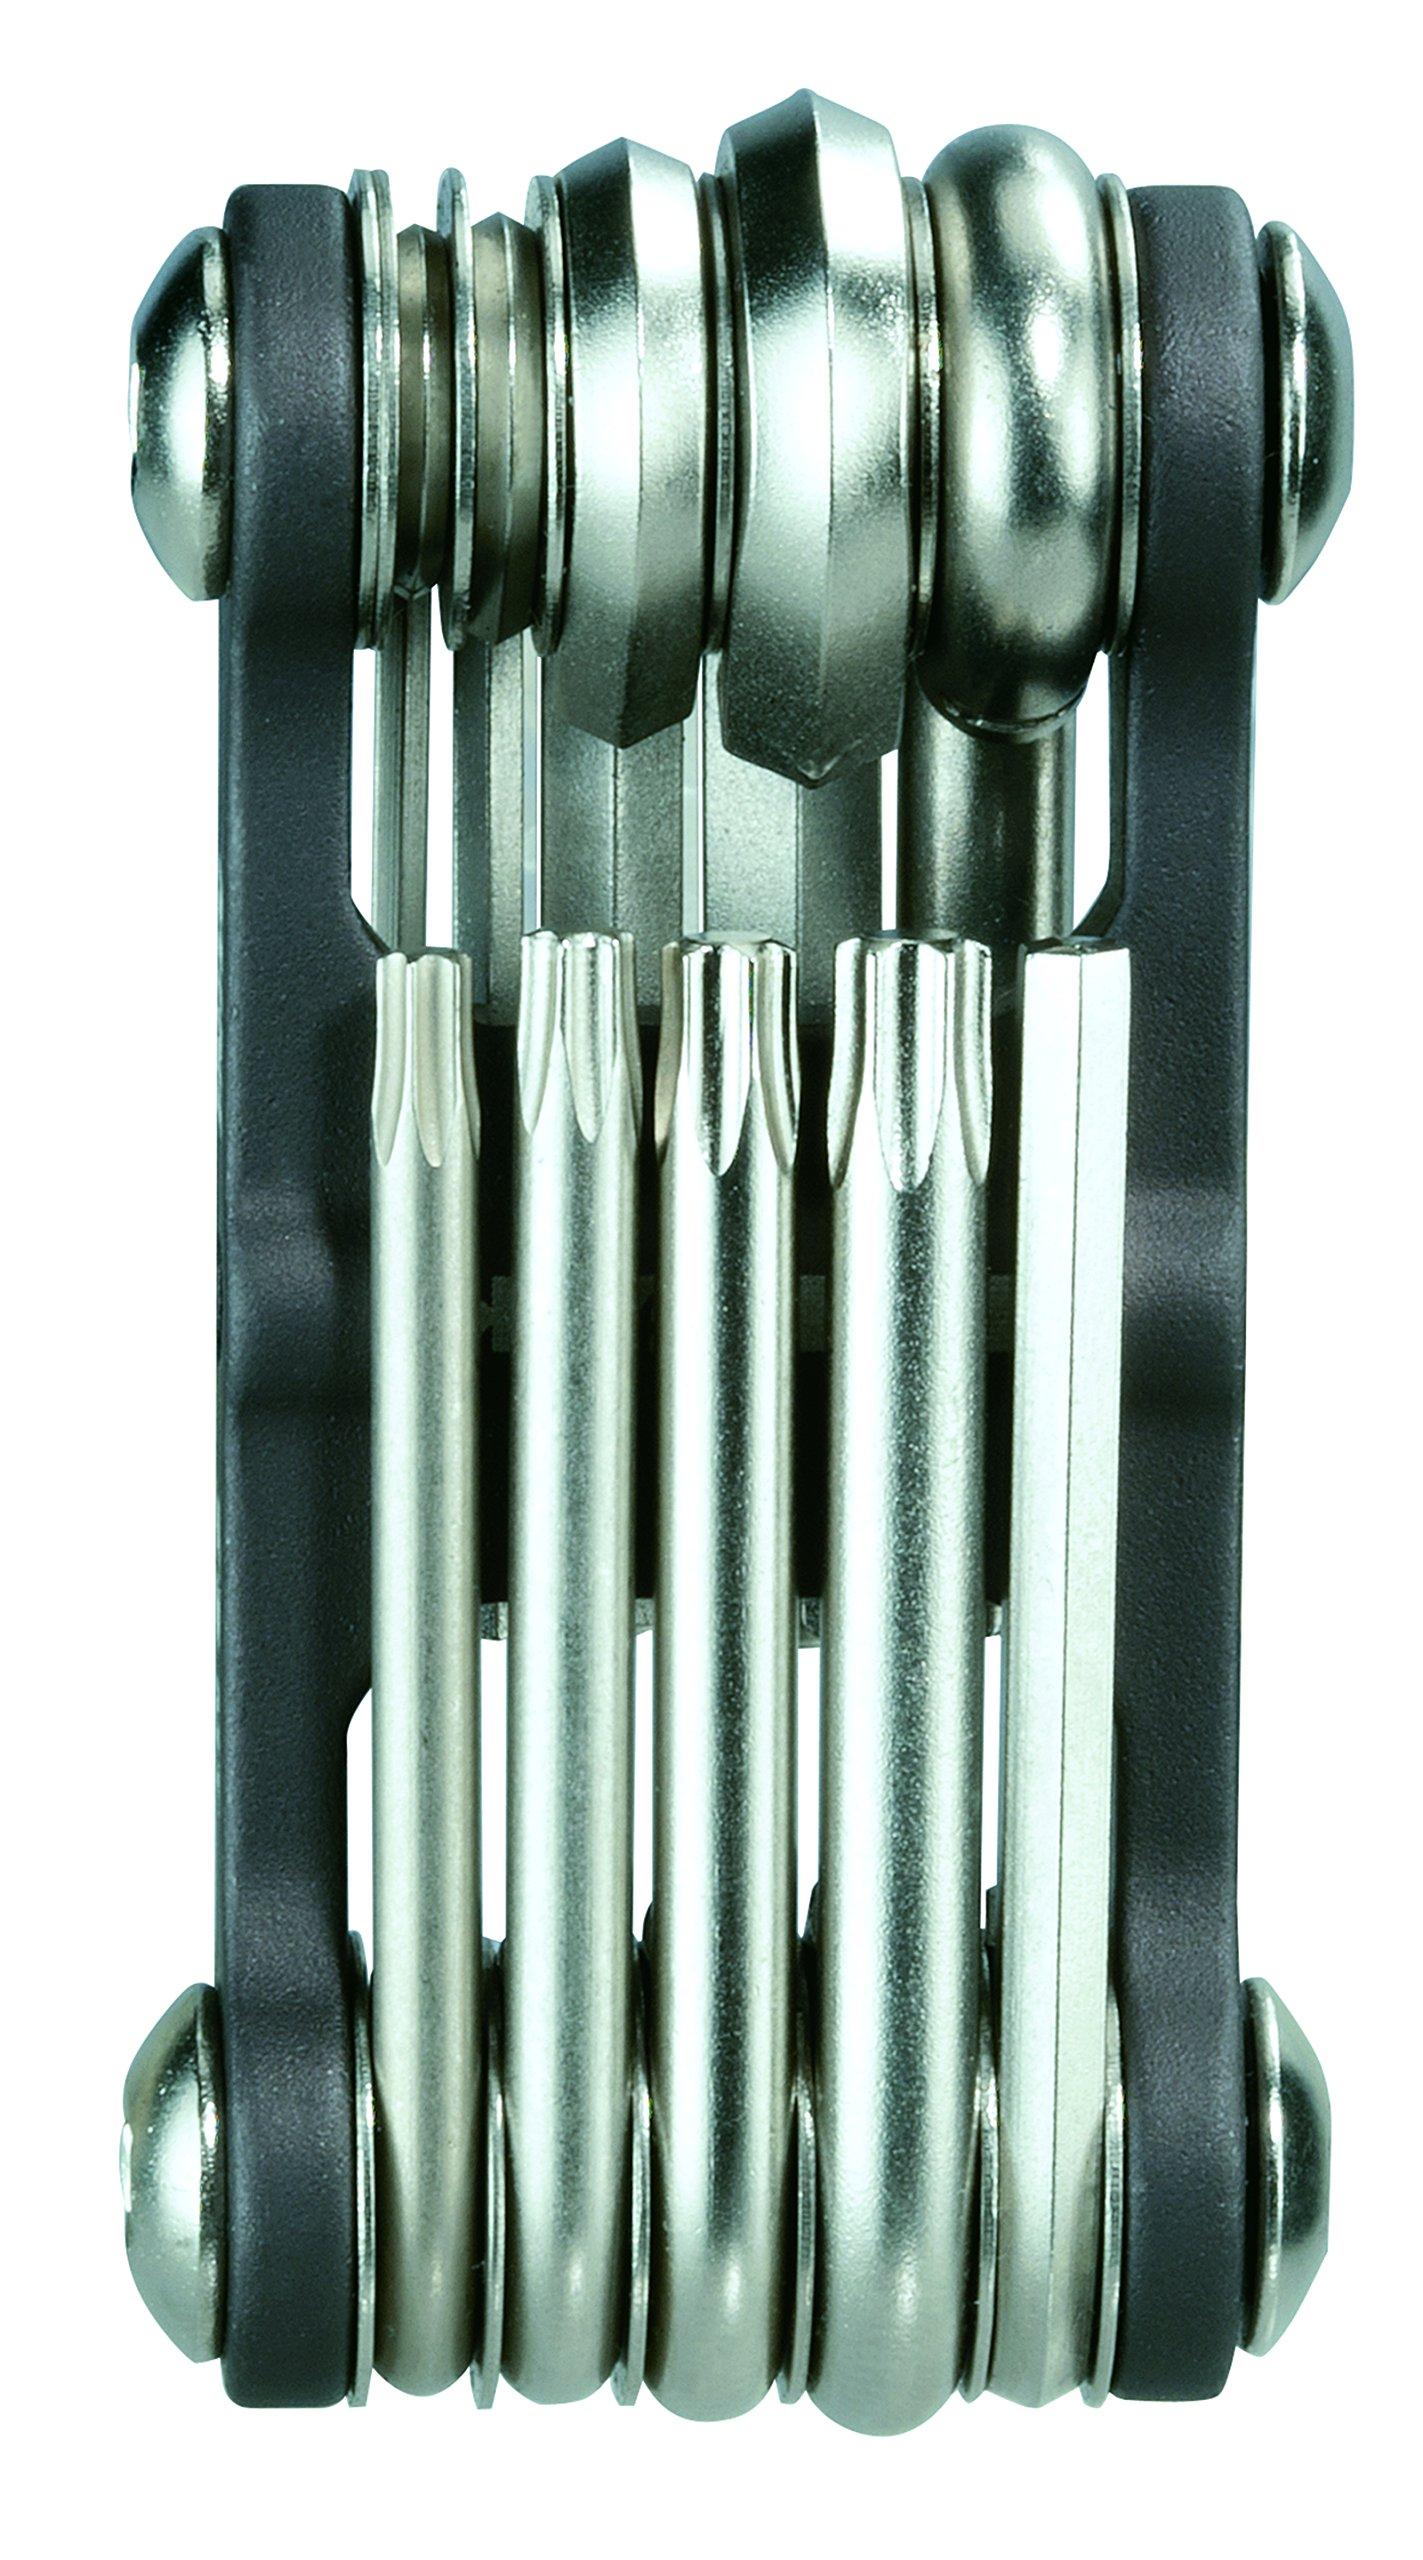 Topeak Mini 10 Multi Tool